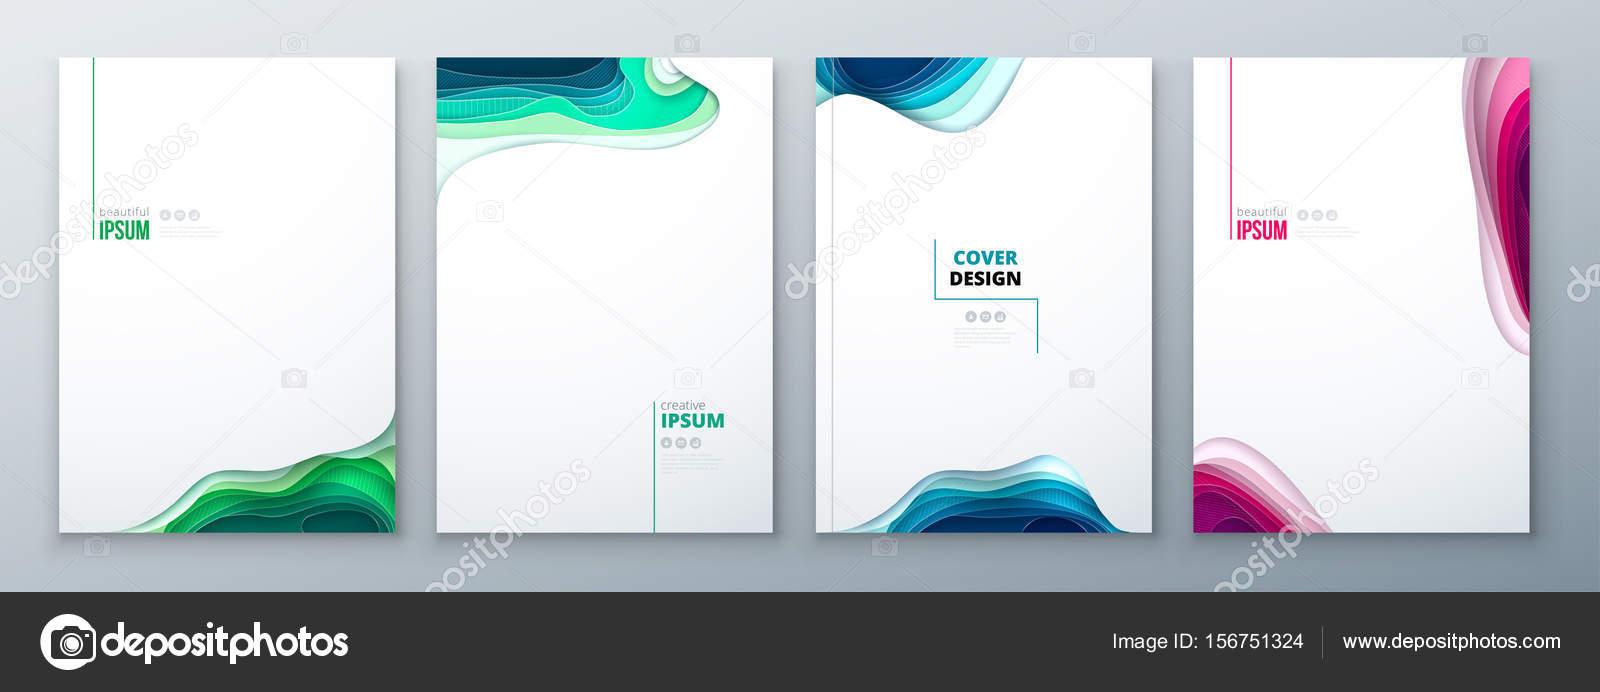 Papier Schneiden Broschure Designpapier Schnitzen Abstrakte